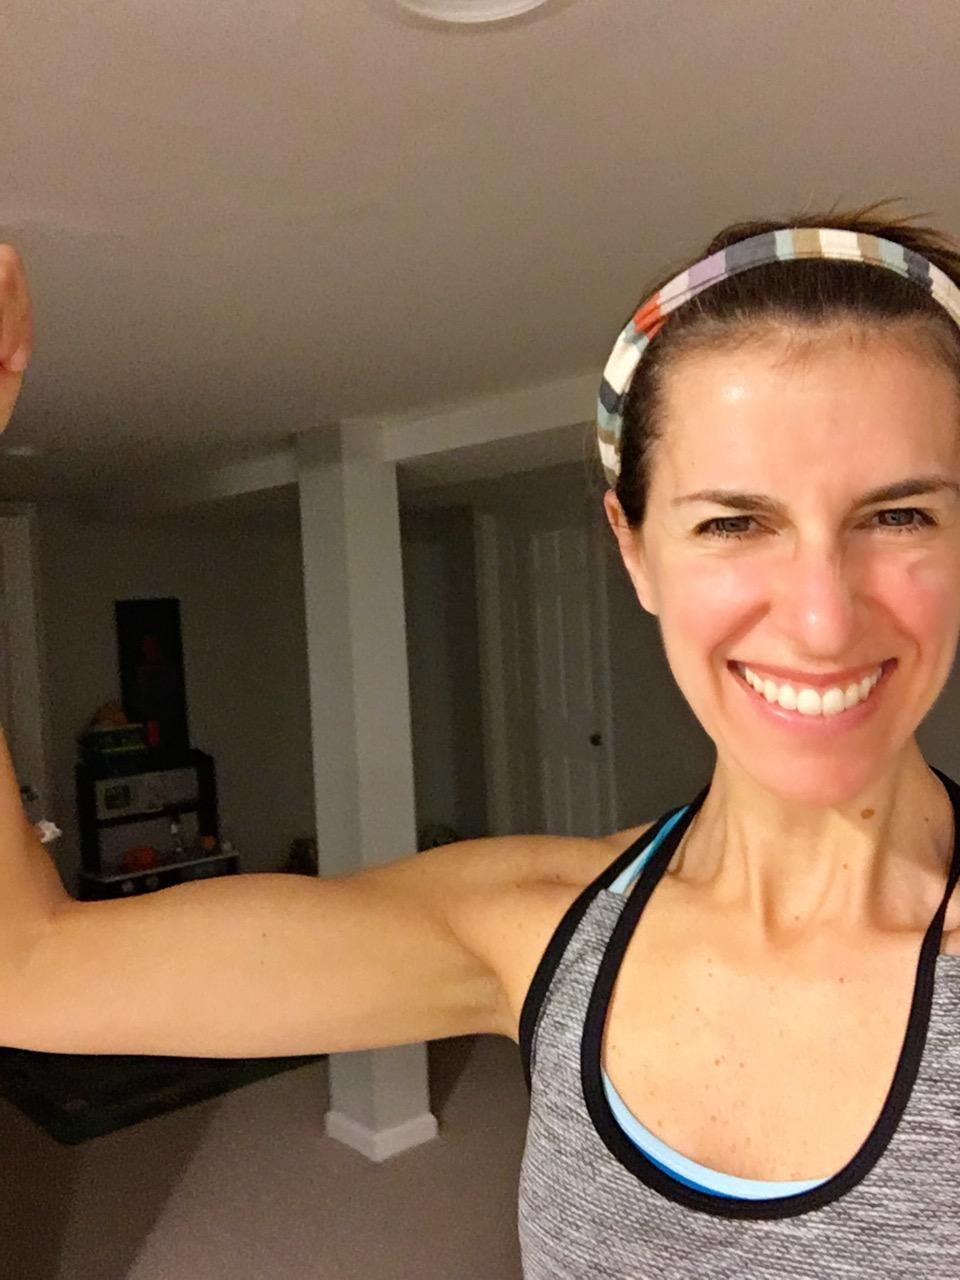 beach body, brett cortell, HIIT, good better best, 22 minutes, diet, weight loss, fitness, nutrition